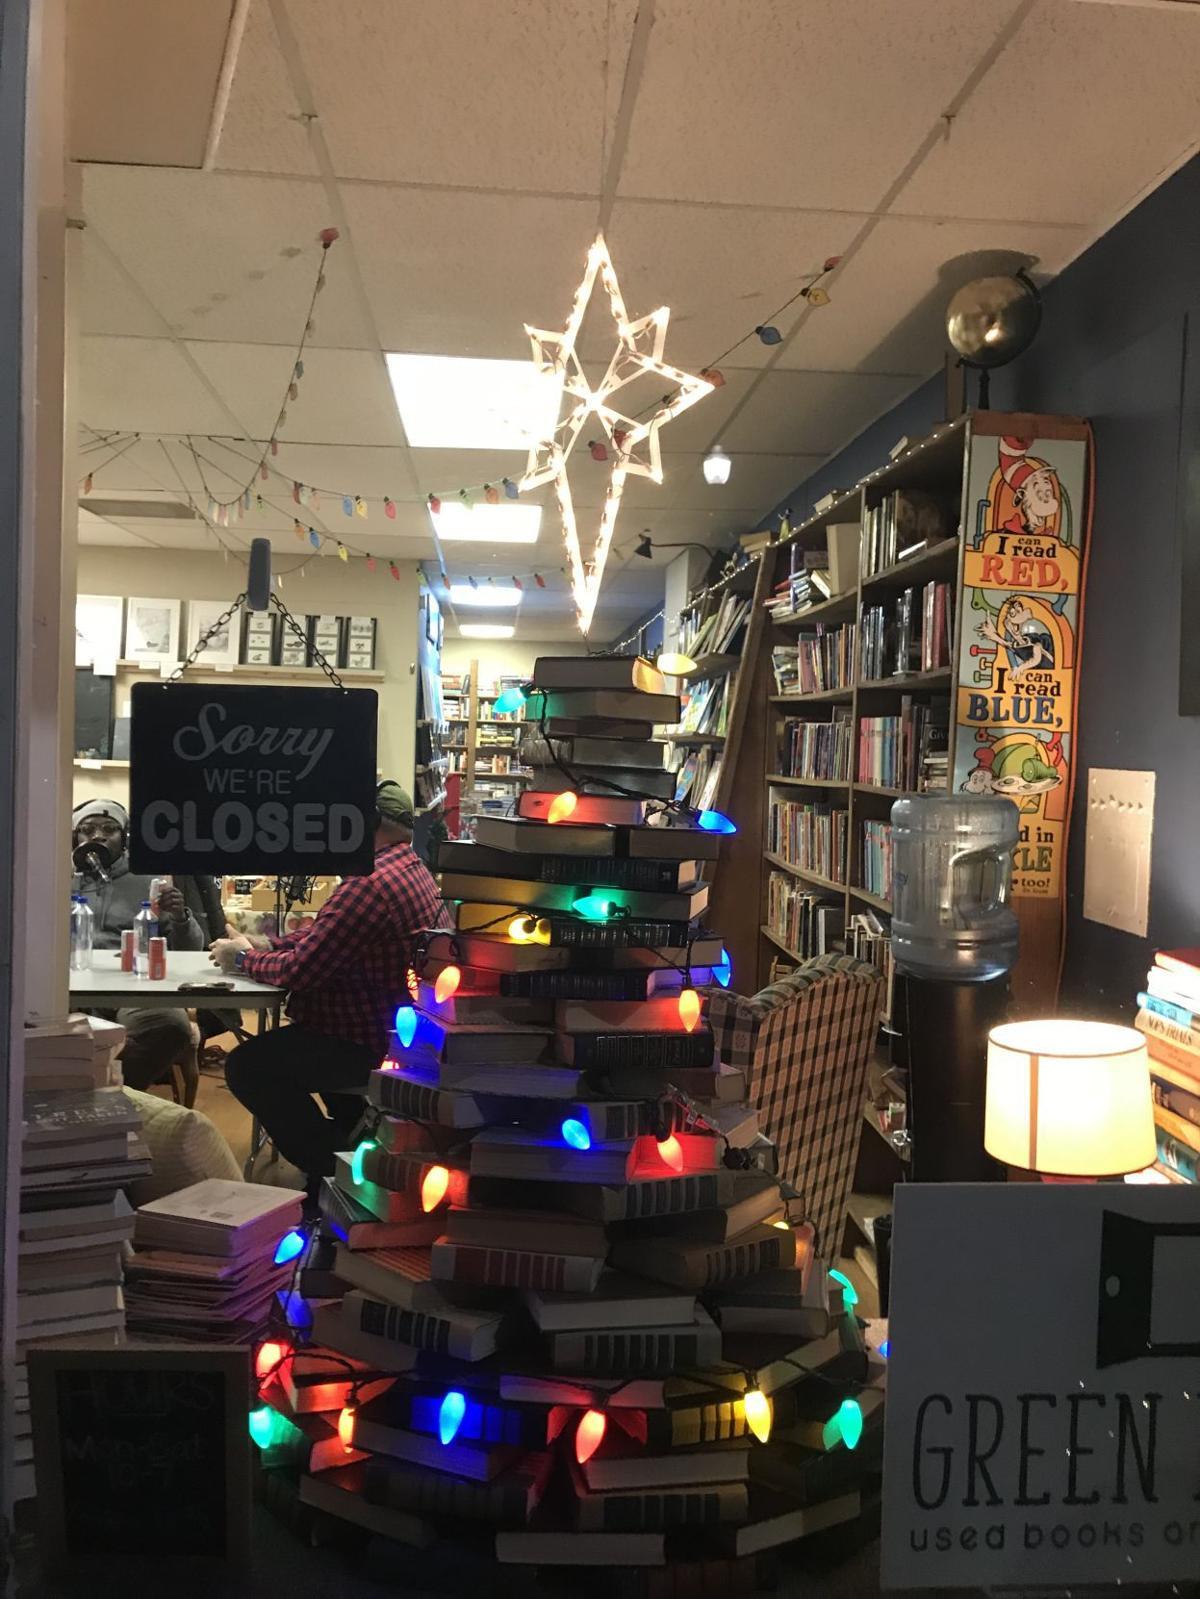 BLOG: Green Door Books to host zine night